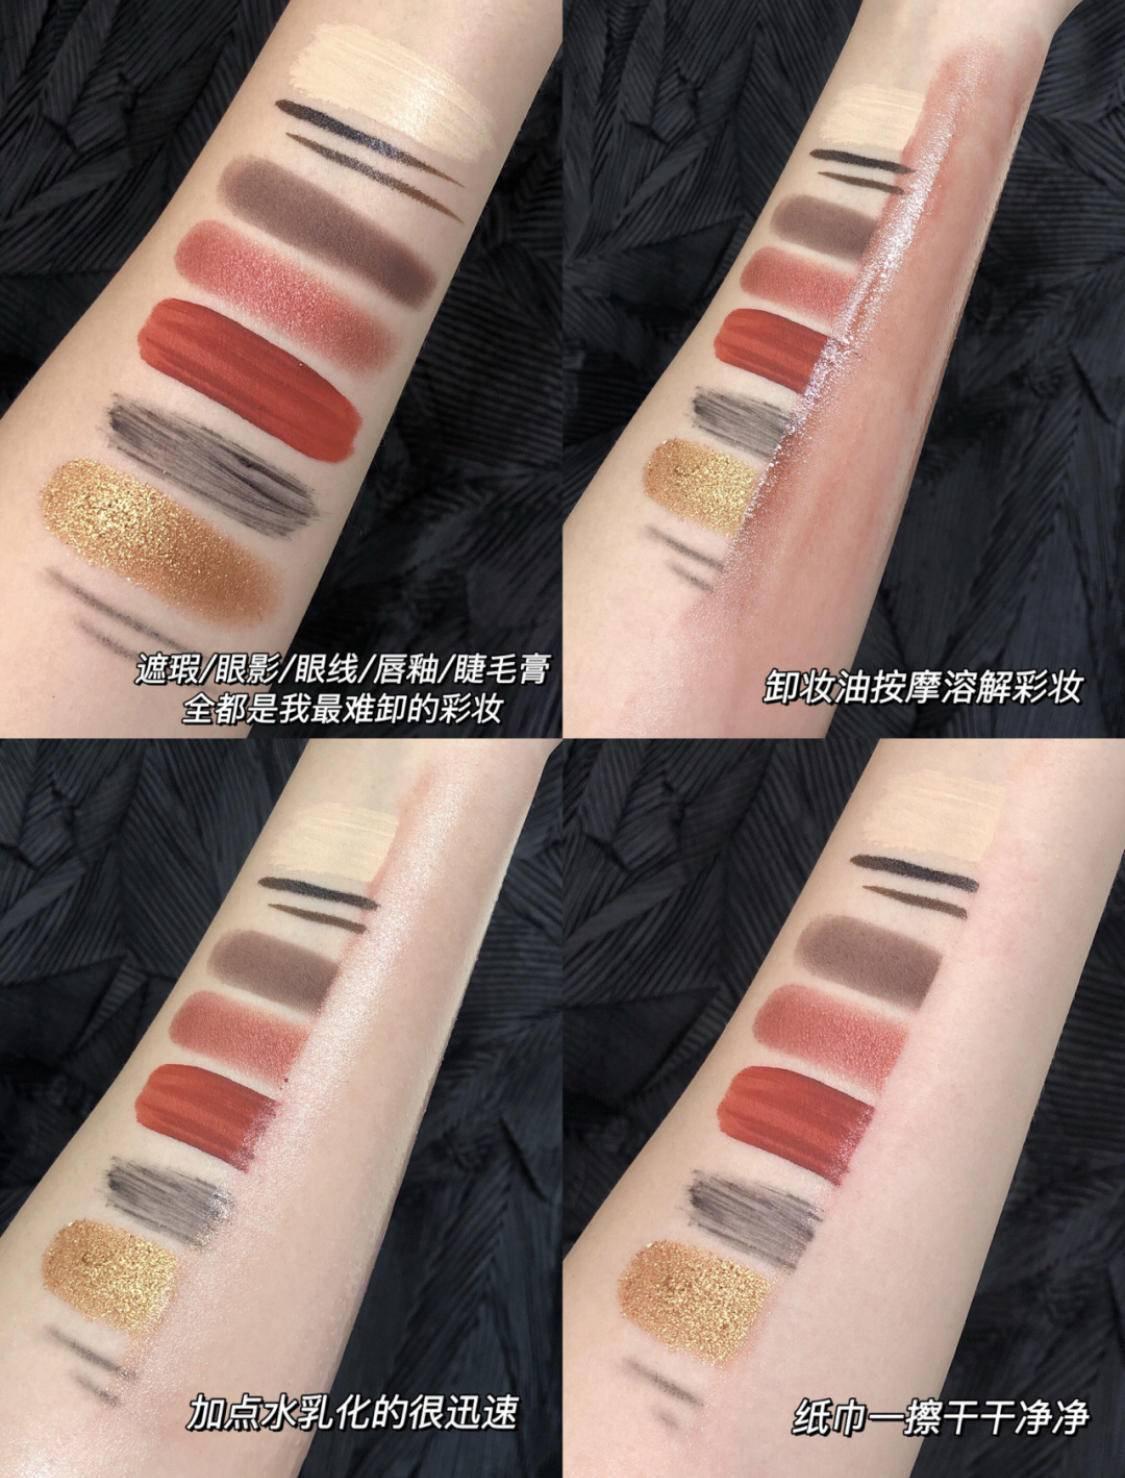 原创             别整些没用的!谁说长期化妆皮肤就会变差?